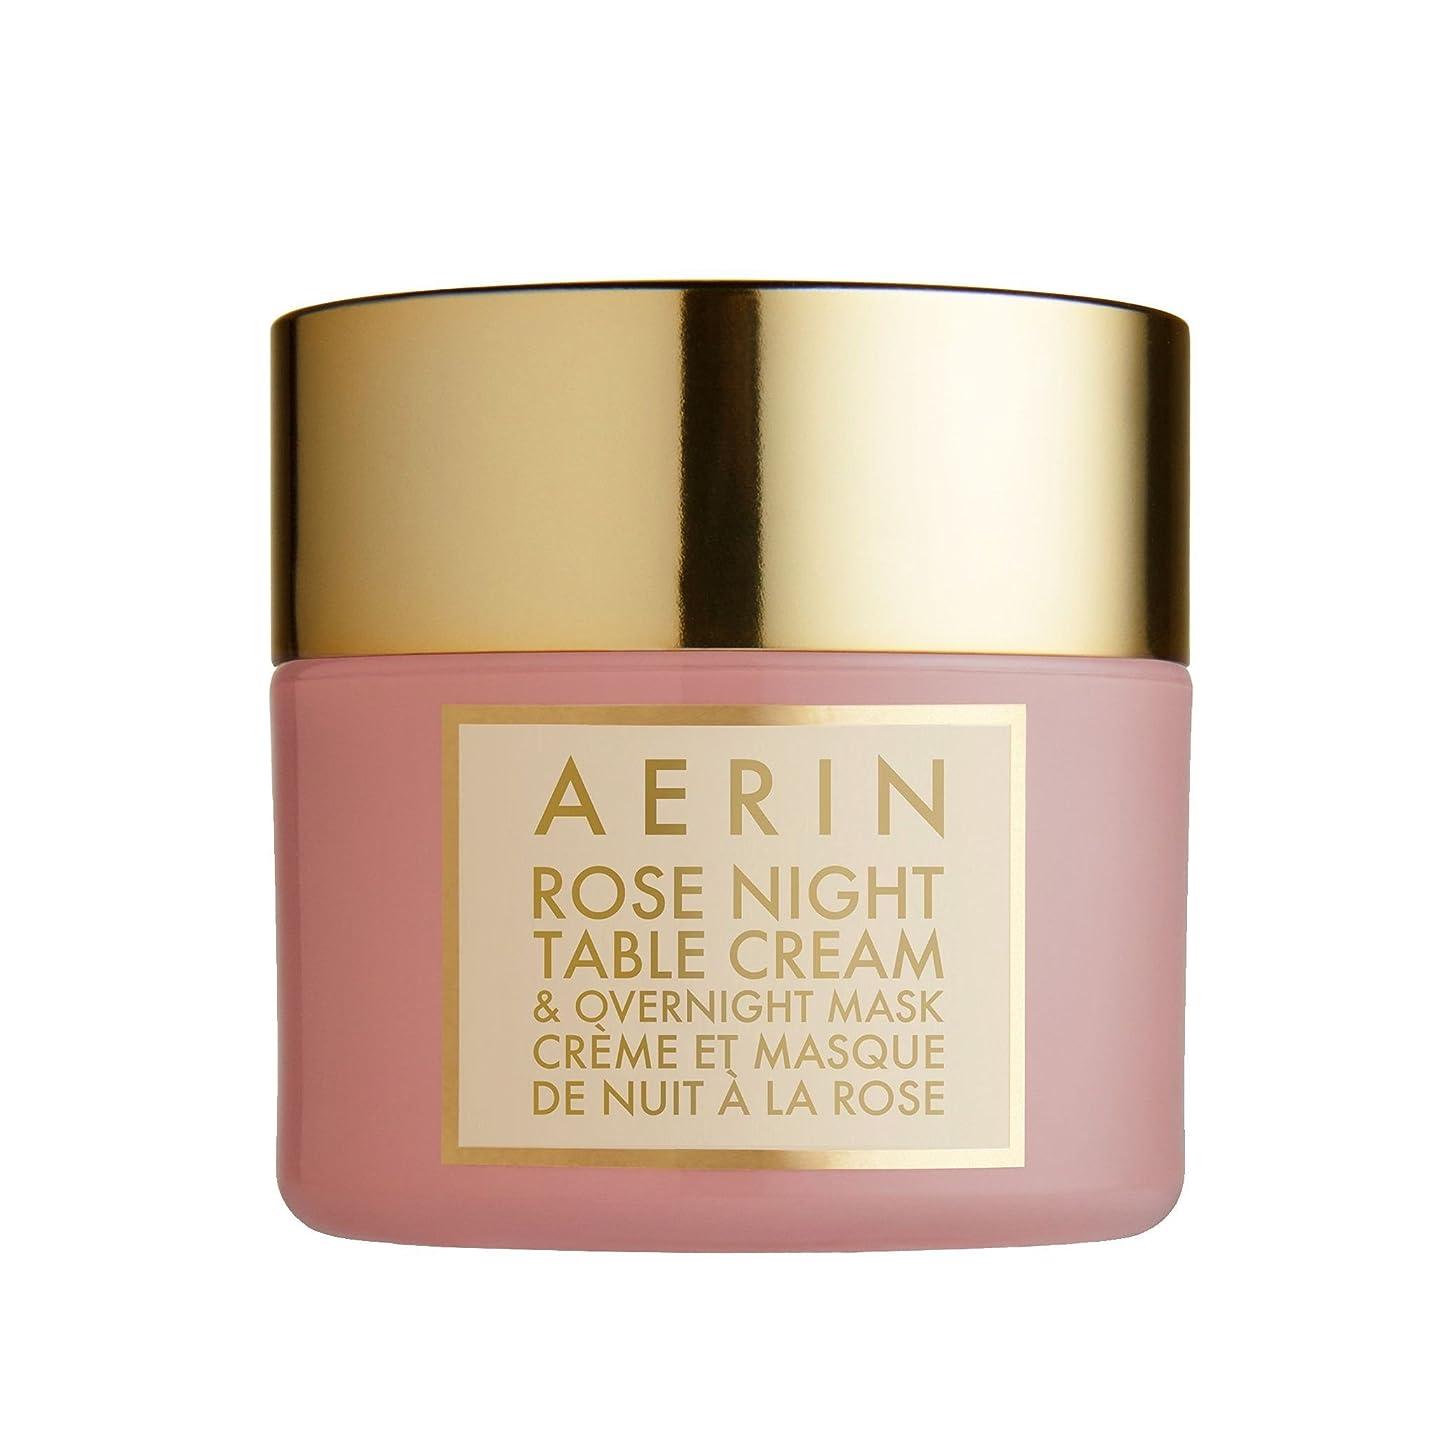 エキスパートエイズゆでるAERIN Rose Night Table Cream & Overnight Mask (アエリン ローズ ナイト テーブル クリーム & オーバーナイト マスク) 1.7 oz (50ml) by Estee Lauder for Women